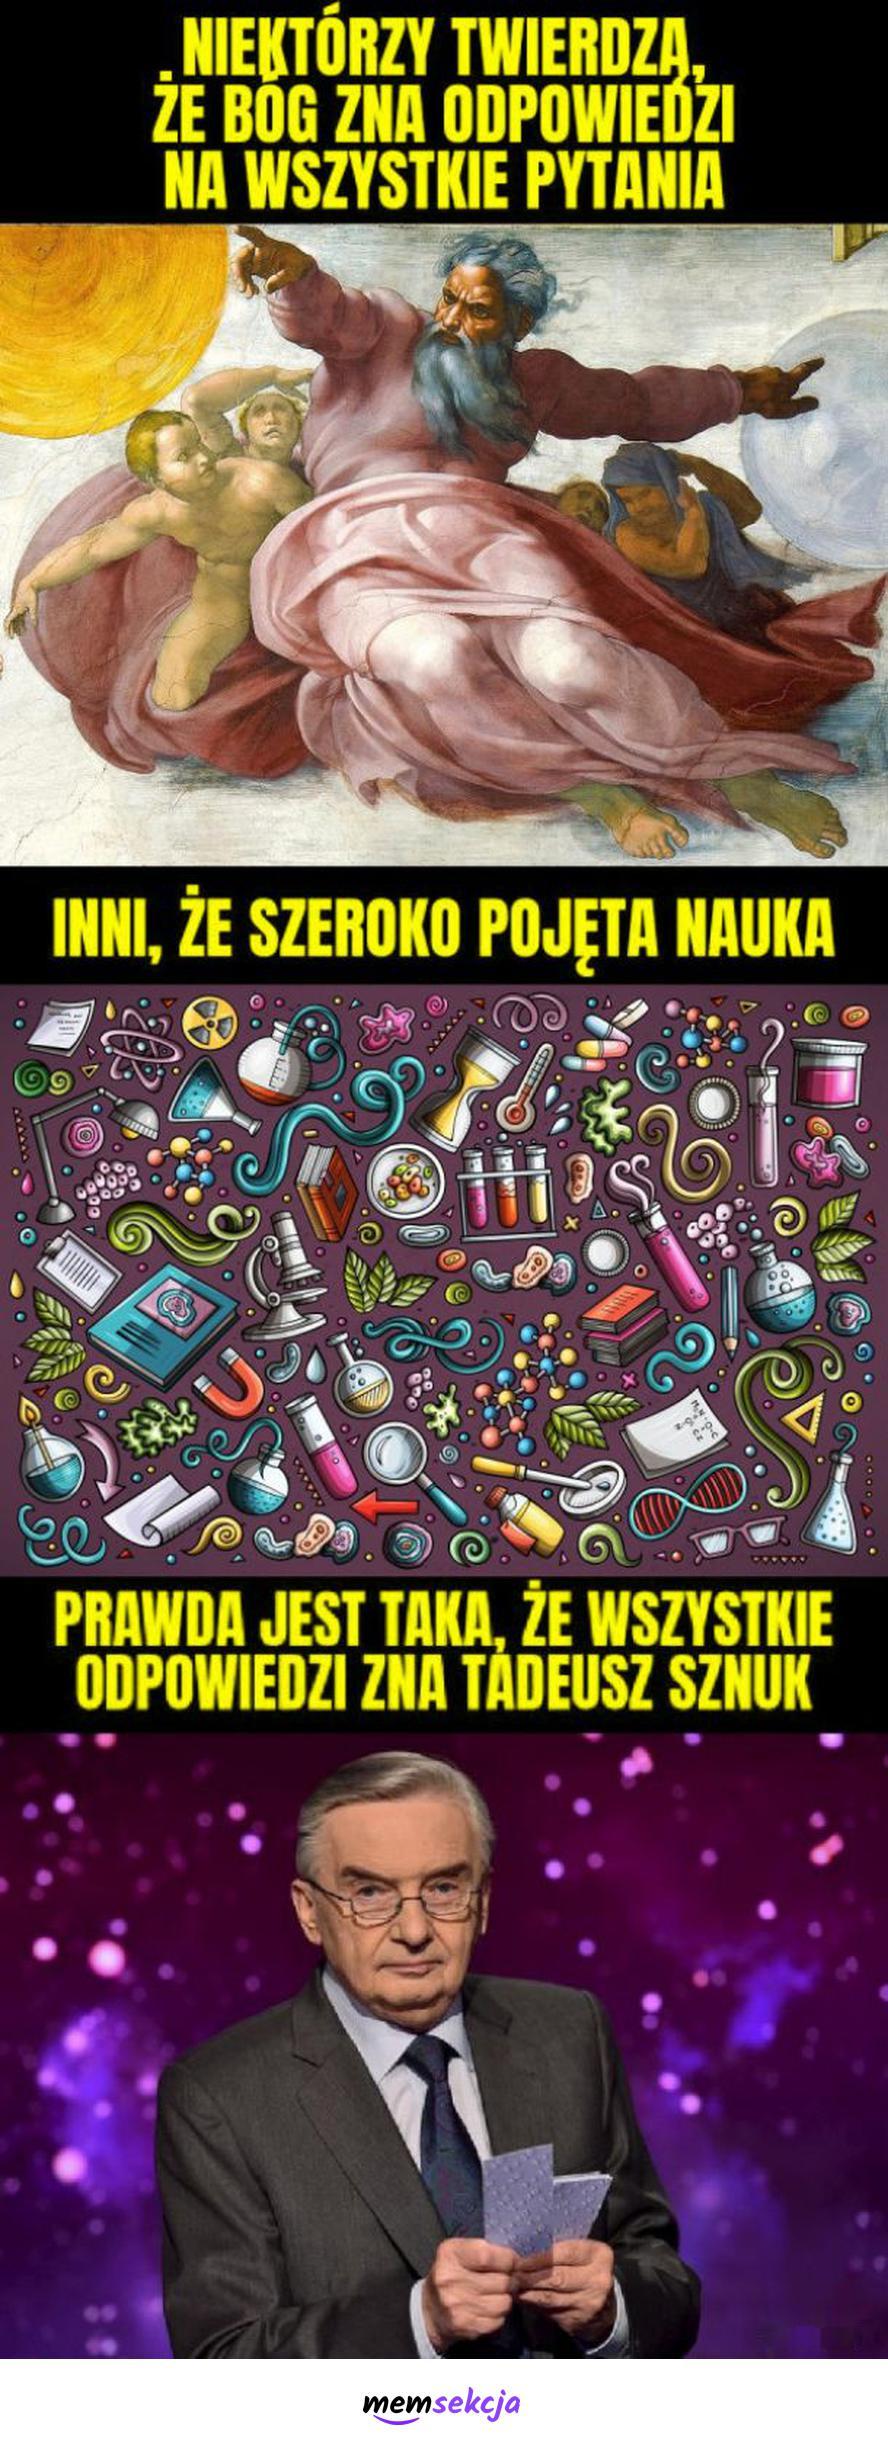 Wszystkie odpowiedzi zna tylko Tadeusz Sznuk. Memy. Bóg. Tadeusz  Sznuk. Jeden  Z  Dziesięciu